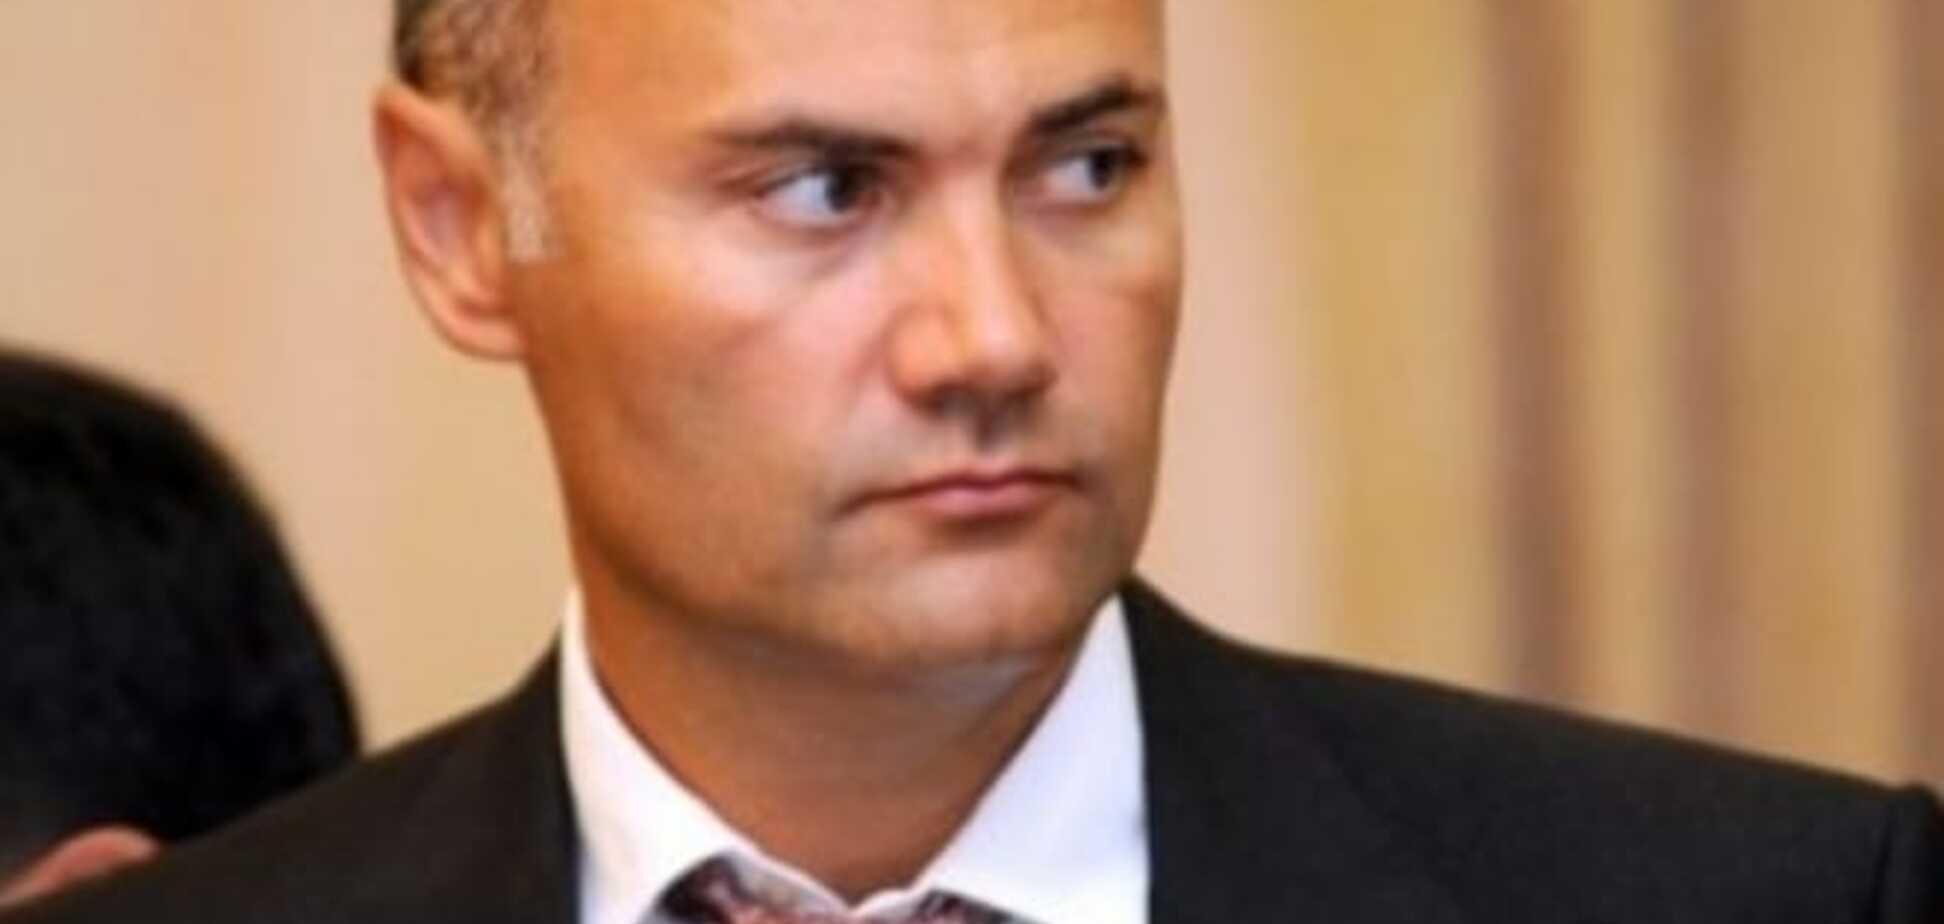 Тимонькін і Колобов попросили статусу біженця в Євросоюзі - ЗМІ